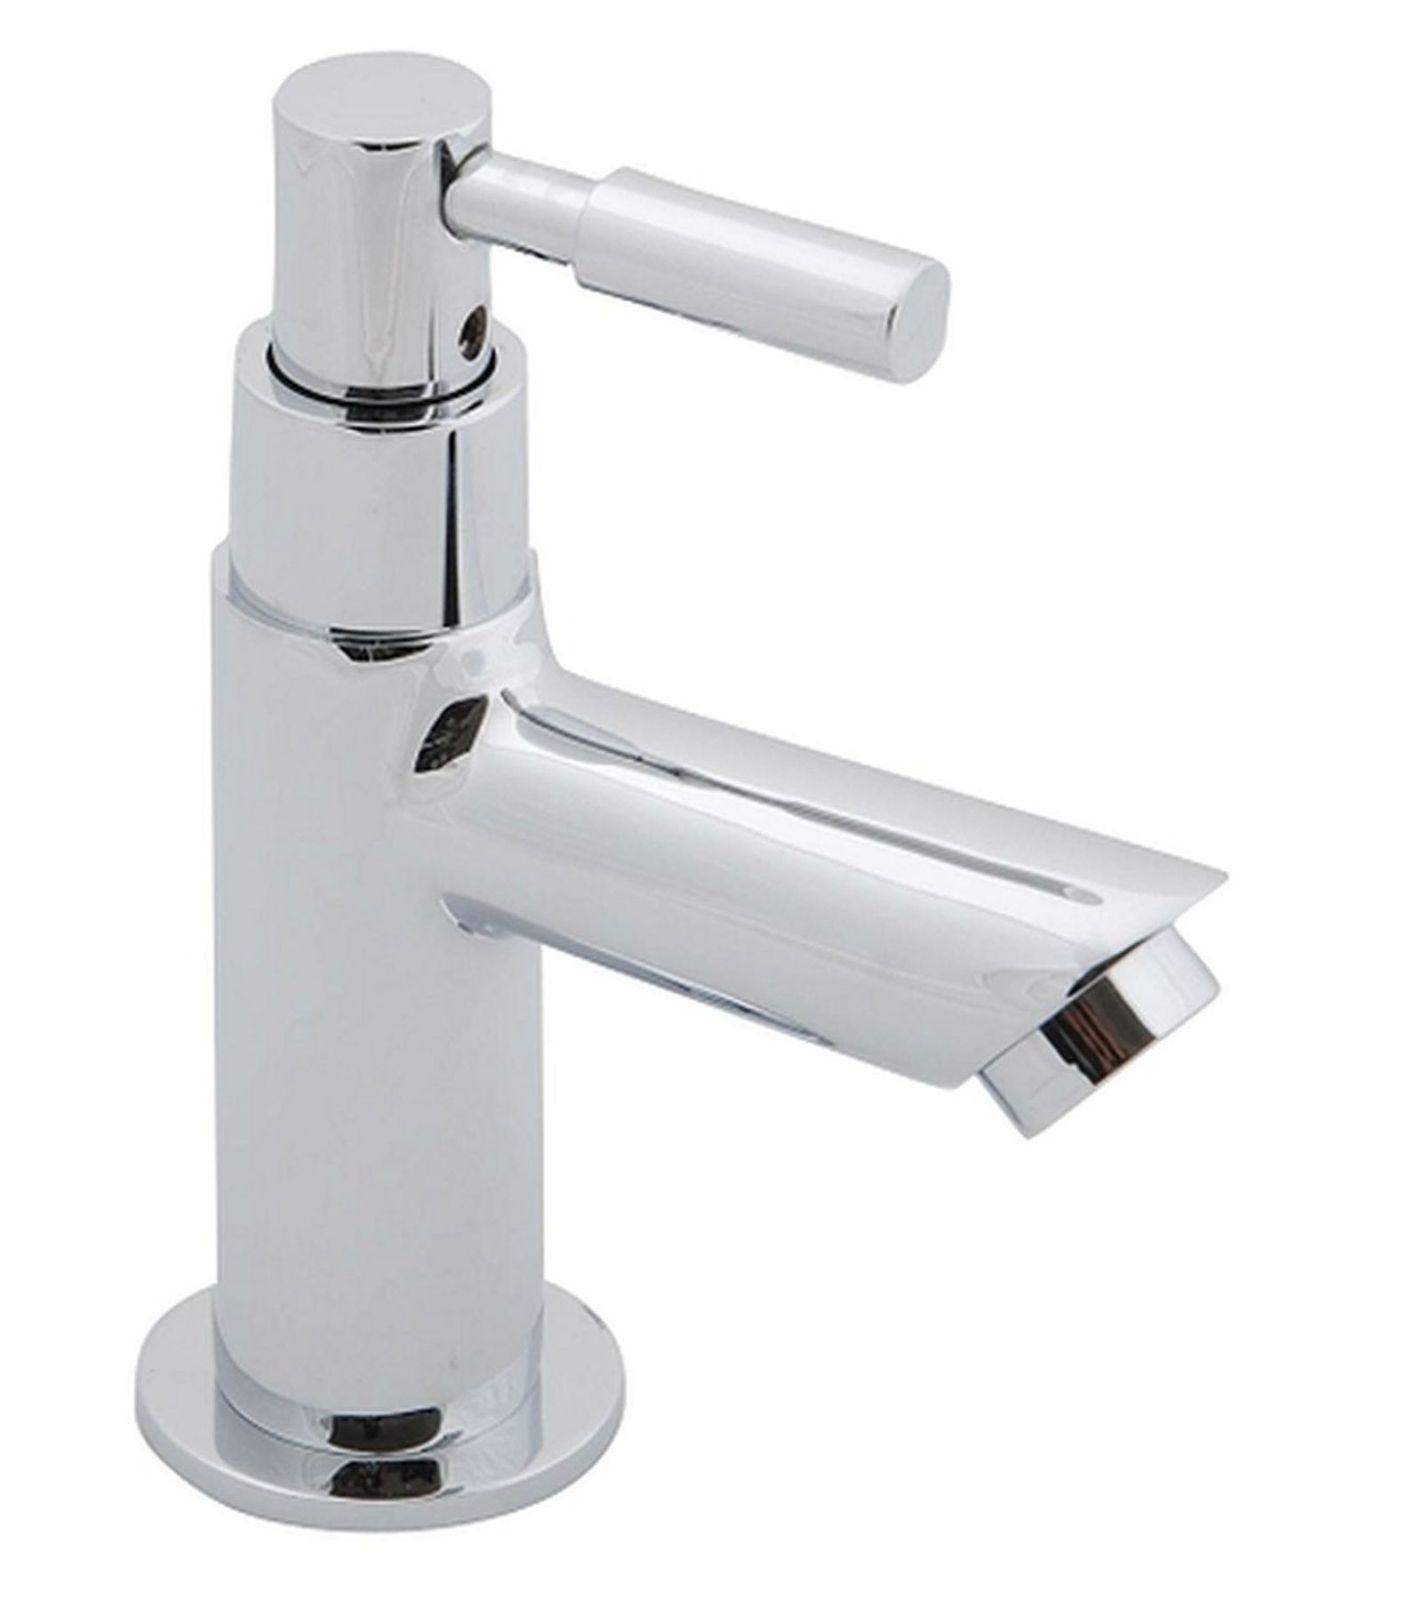 Kaltwasser Gäste WC Standventil Badezimmer Waschbecken Armatur Wasserhahn  *0466 1 ...